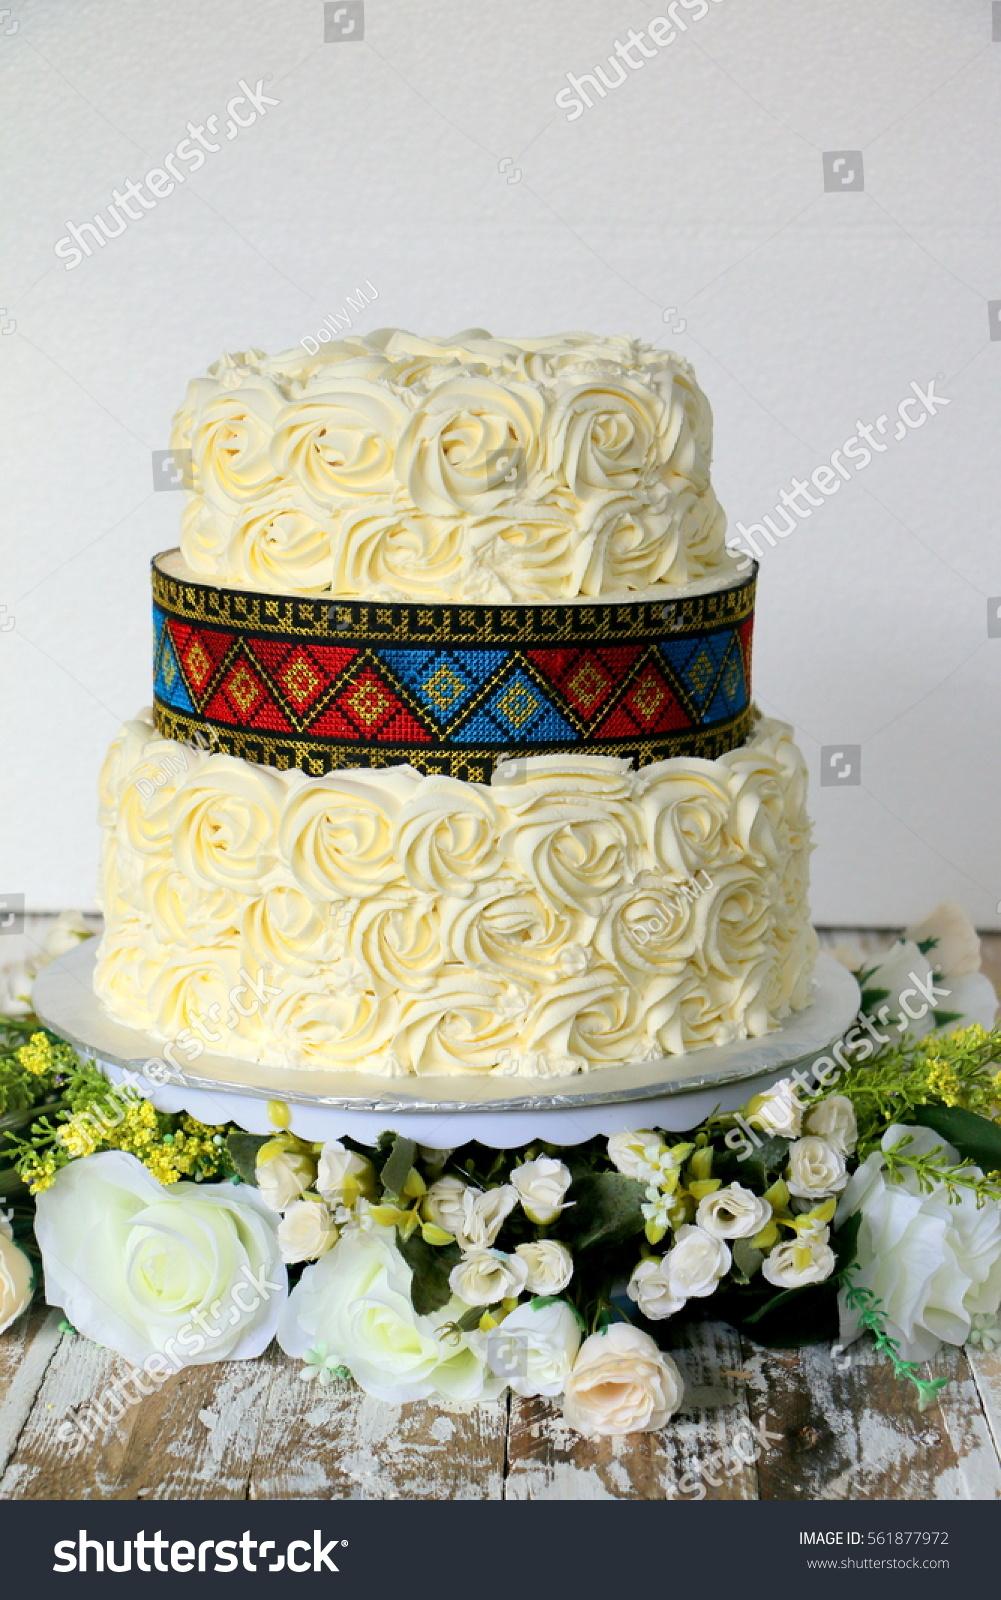 Romantic Ethnic Theme Wedding Cake Rose Stock Photo (Edit Now ...